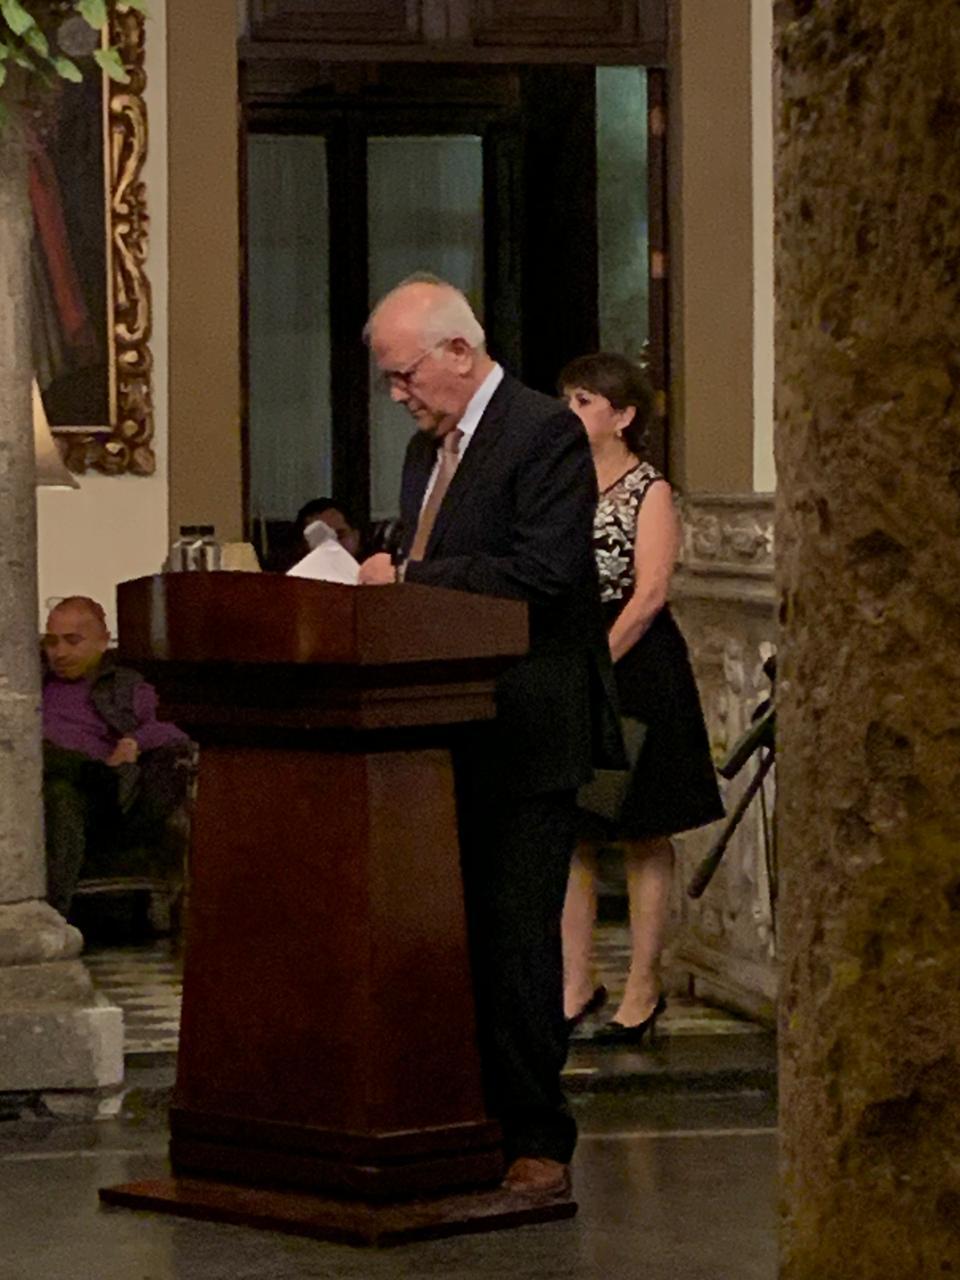 Dr. Lozan Kasten ofeciendo palabras de agradecimiento en el pódium